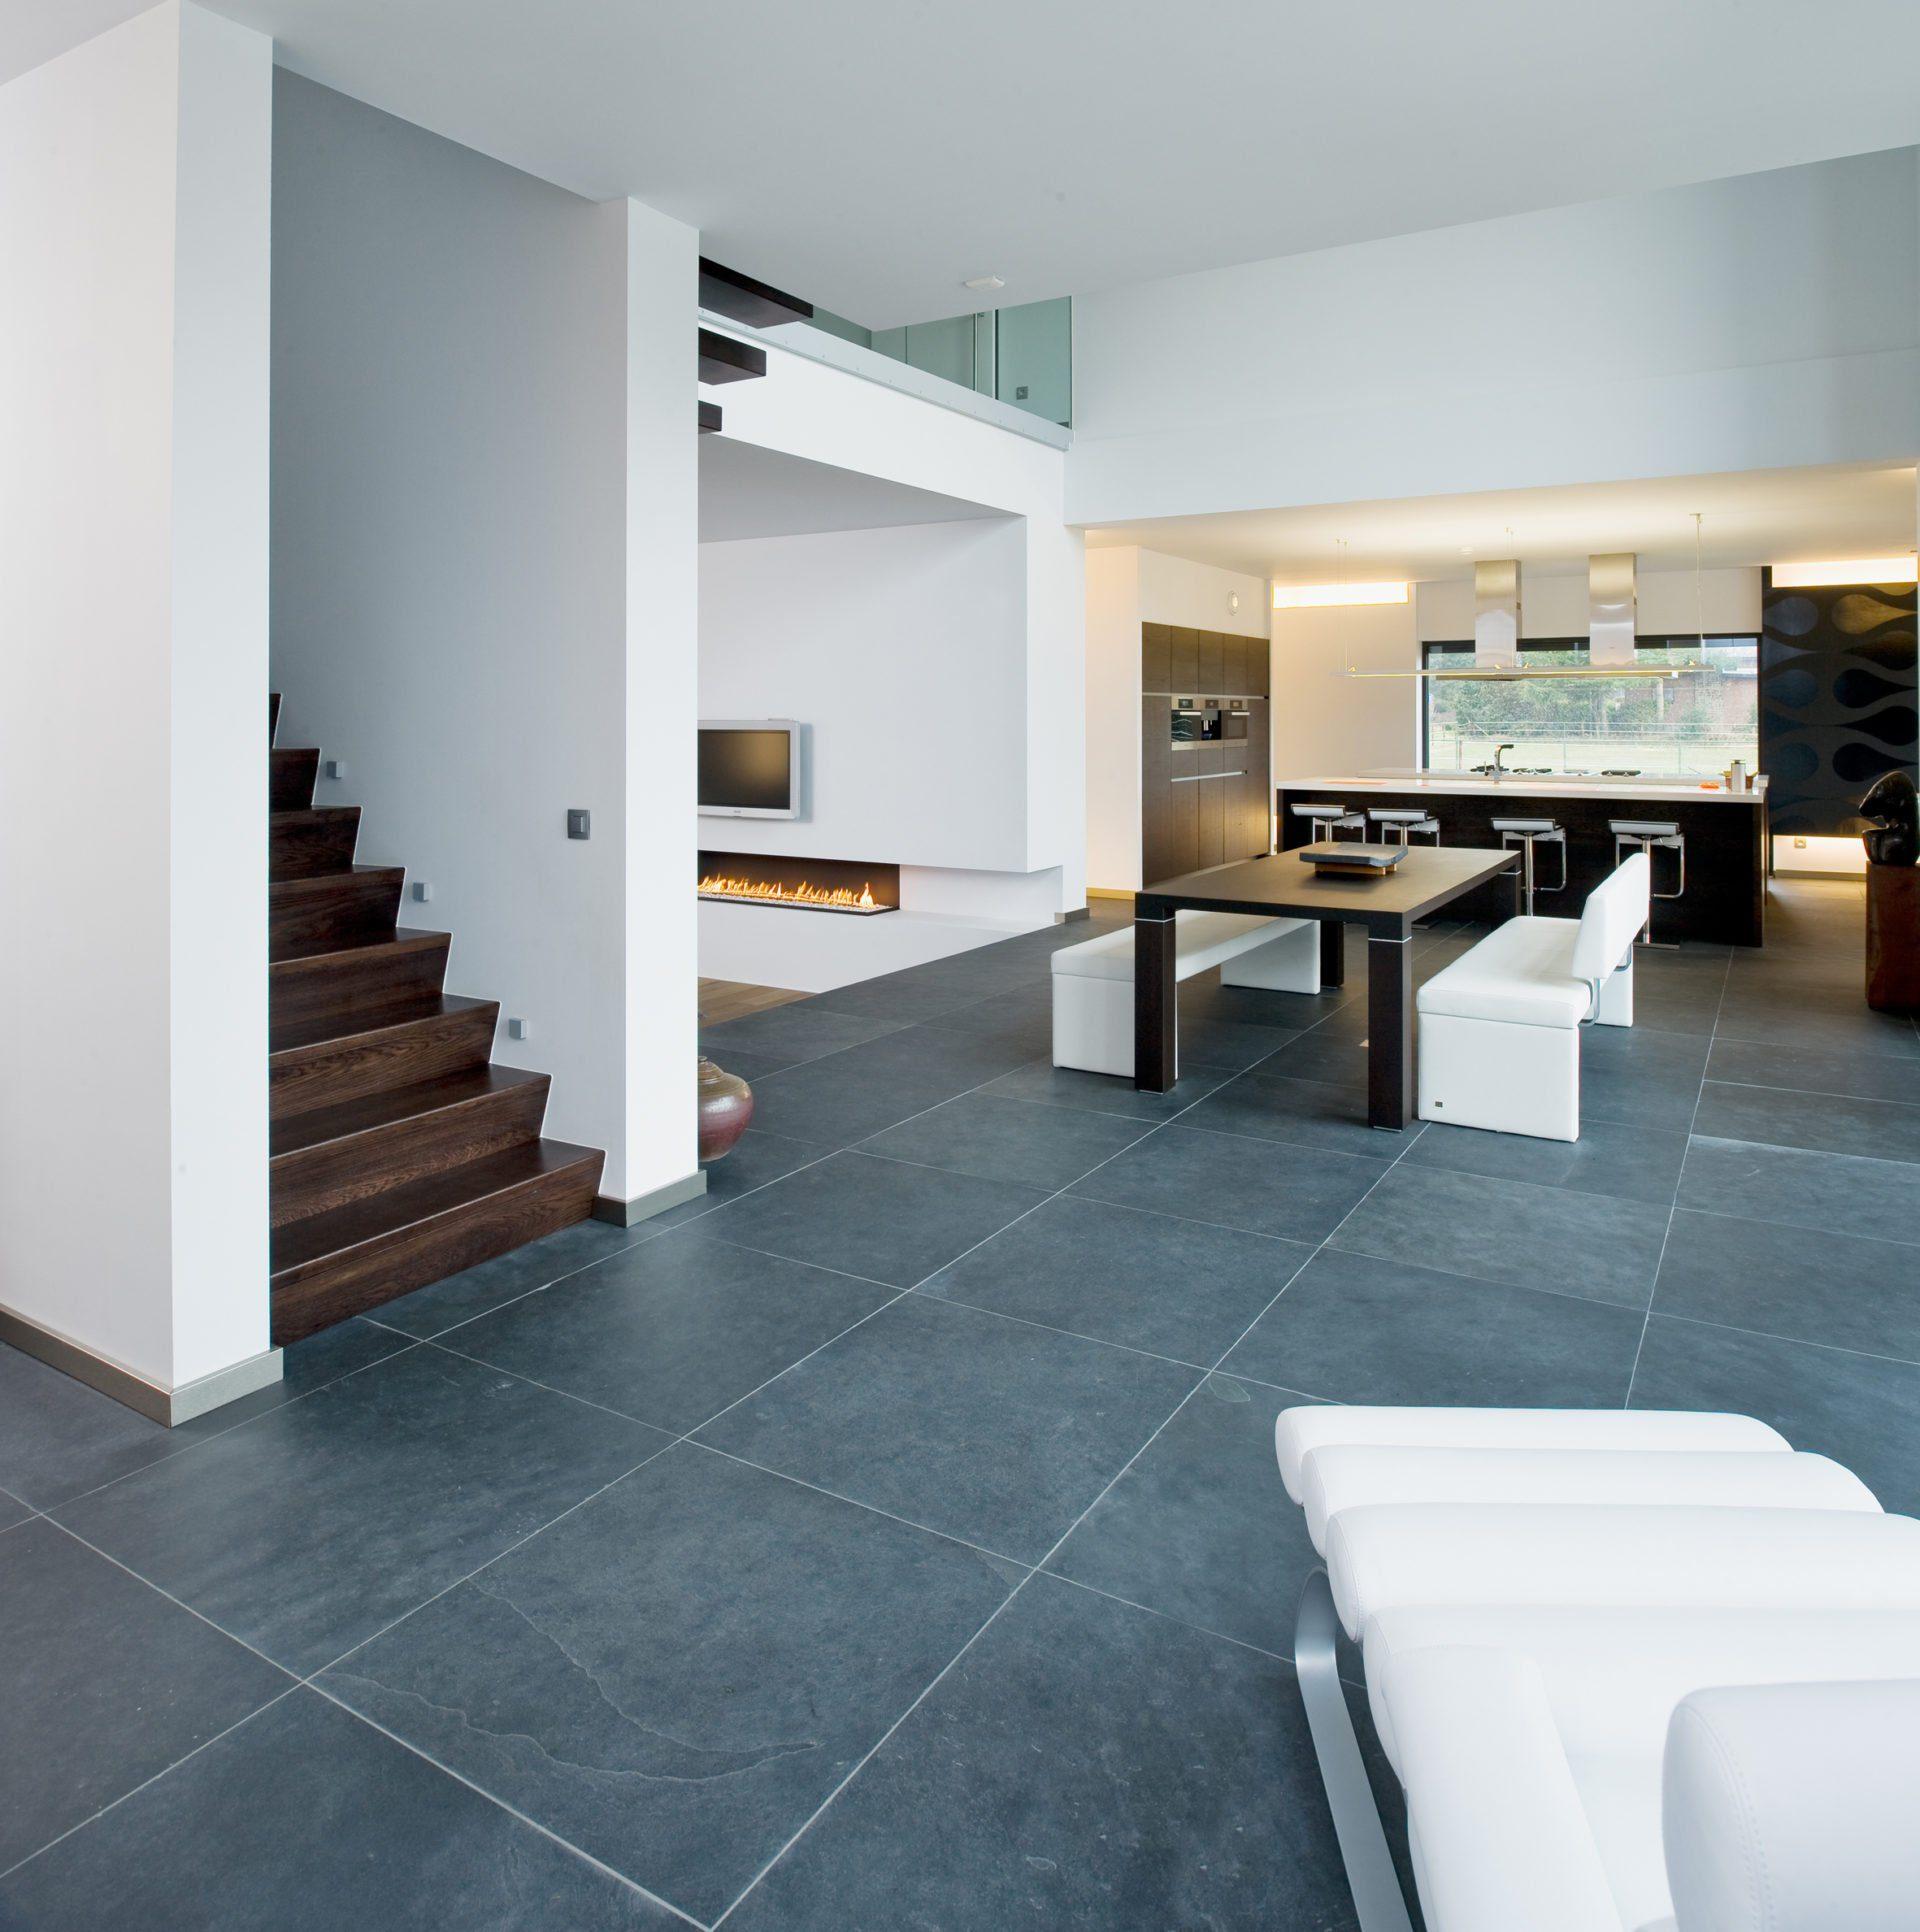 Natuursteen vloer kroon vloeren in steen - Welke vloer voor een badkamer ...